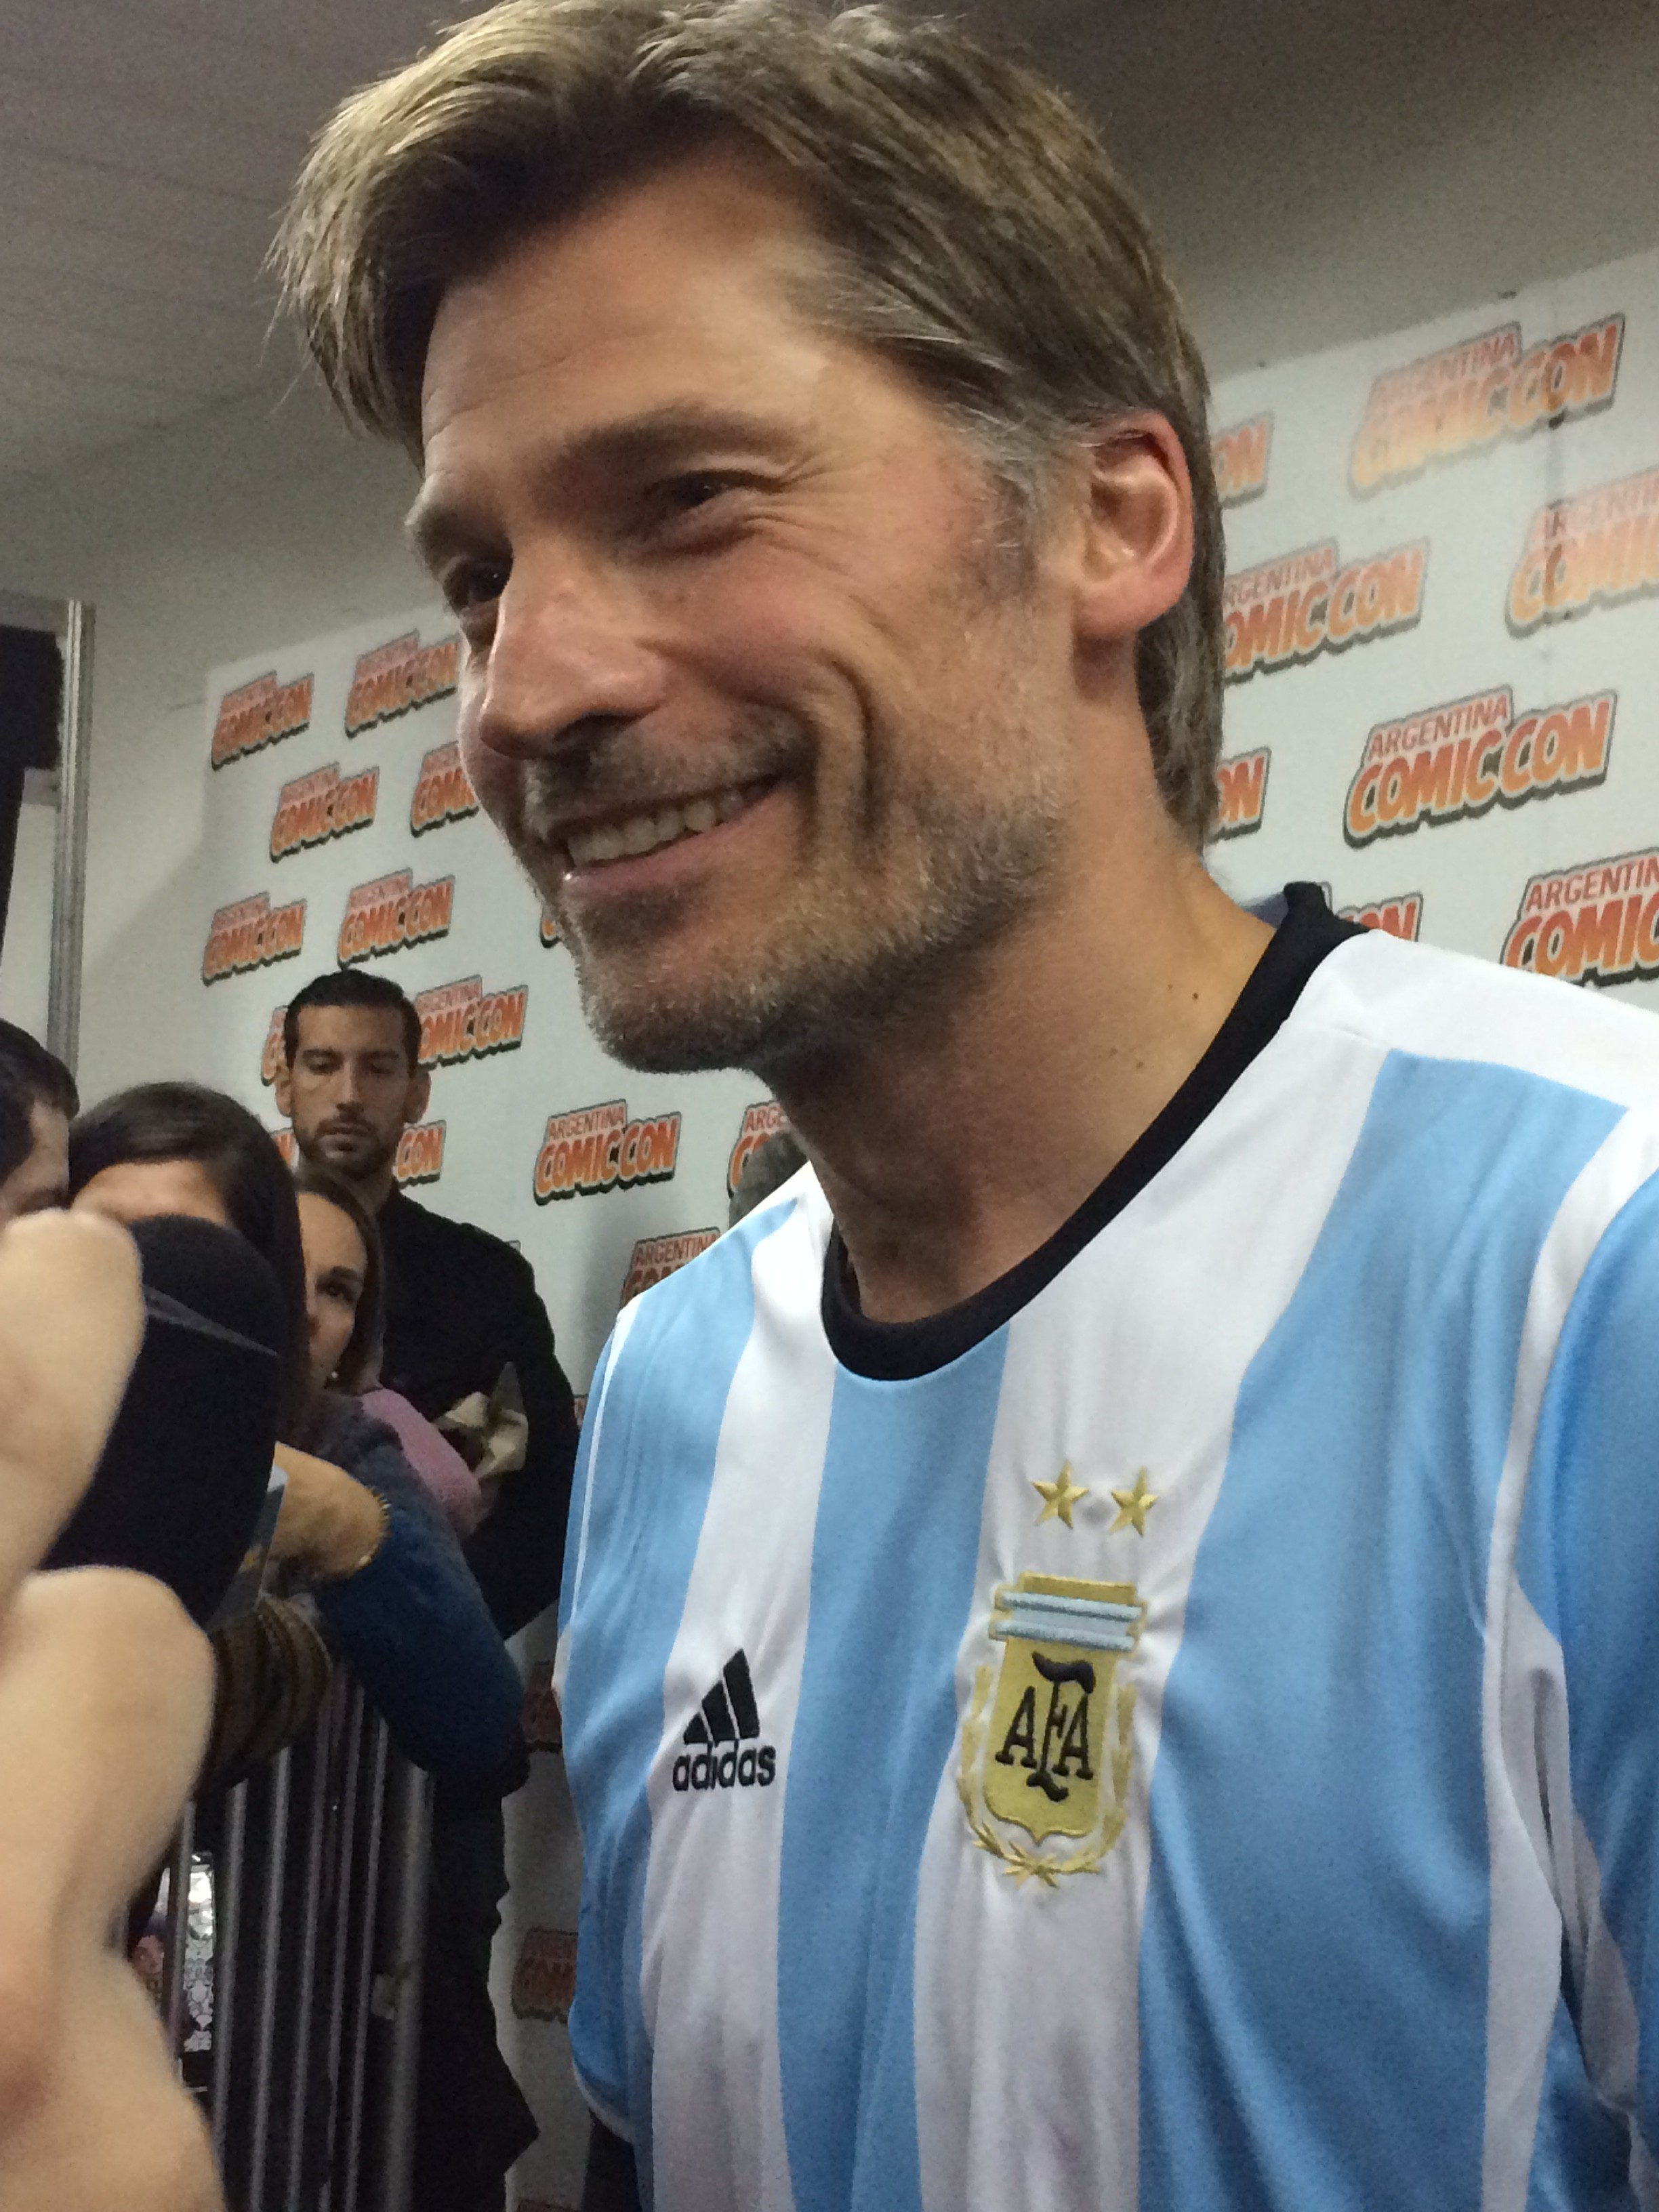 Nicolaj Coster Waldau en Argentina 2